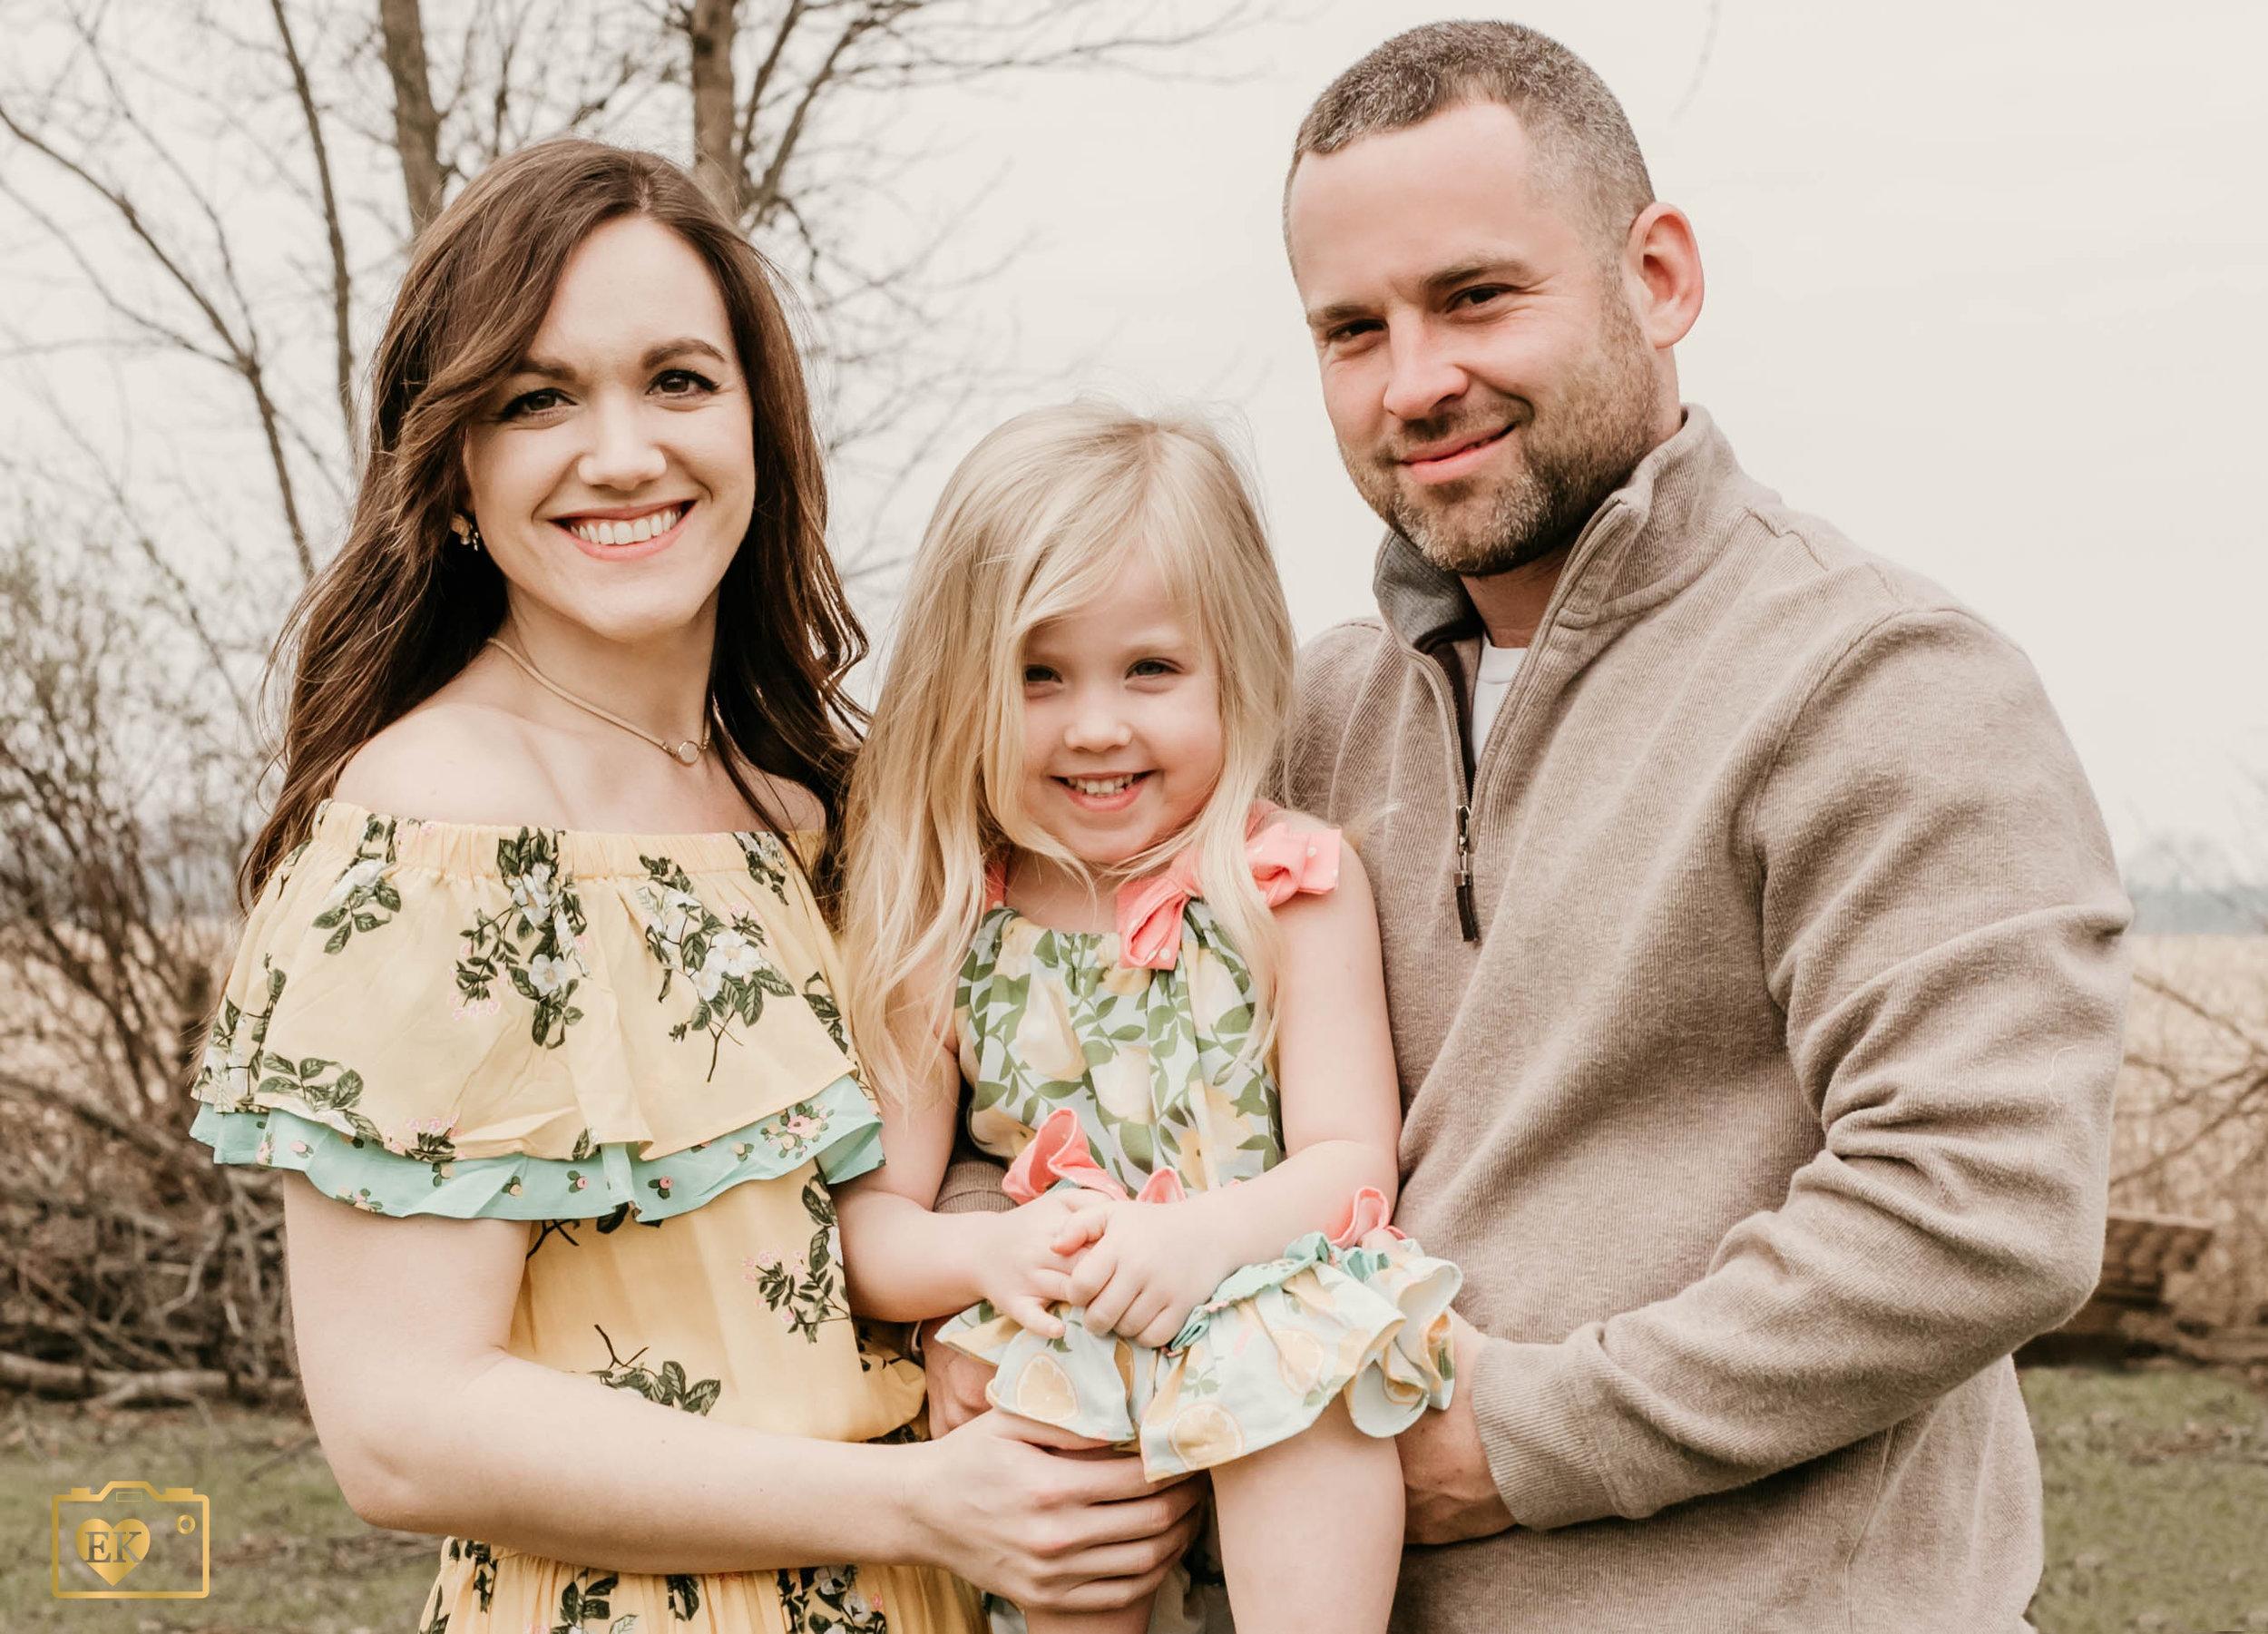 musselmanfamily17.jpg